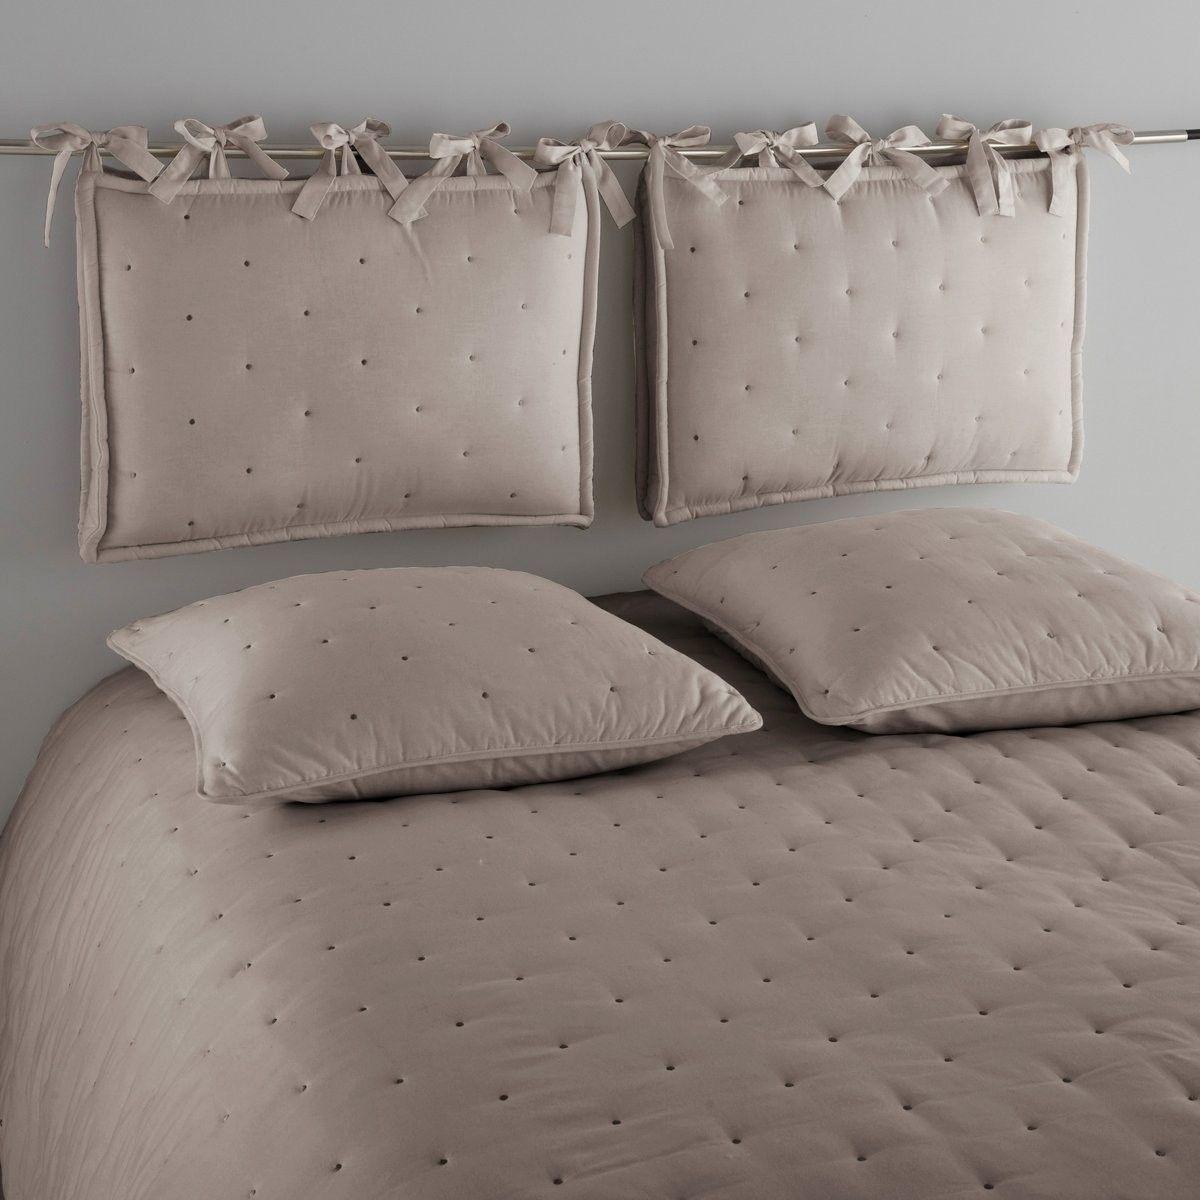 Cuscino Capitonnè Fai Da Te cuscino per testata del letto imbottito, aéri | testata del